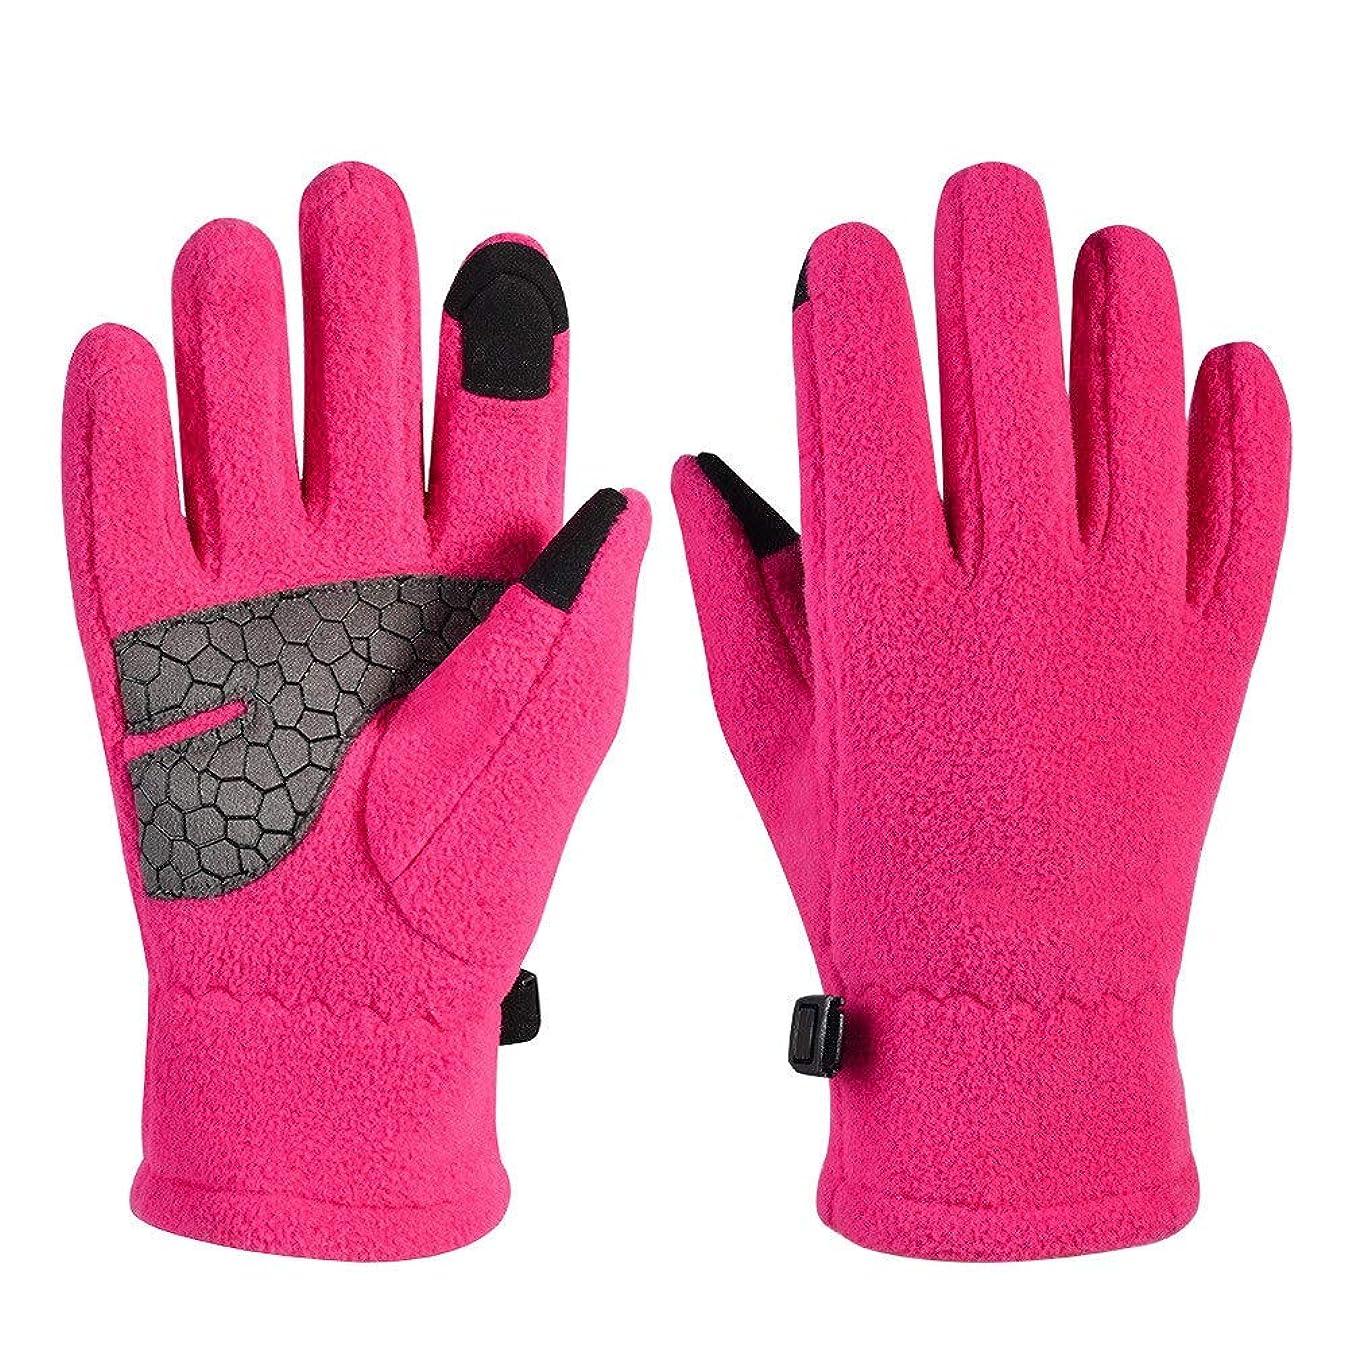 トライアスロンマングル疲れたサイクリンググローブ 冬の手袋 キッズ用サイクリンググローブMTBスポーツ手袋冬のアウトドアフルフィンガーバイクグローブはパッドボーイズガールズ、衝撃吸収します 野外 ク (色 : Pink, Size : L/XL)